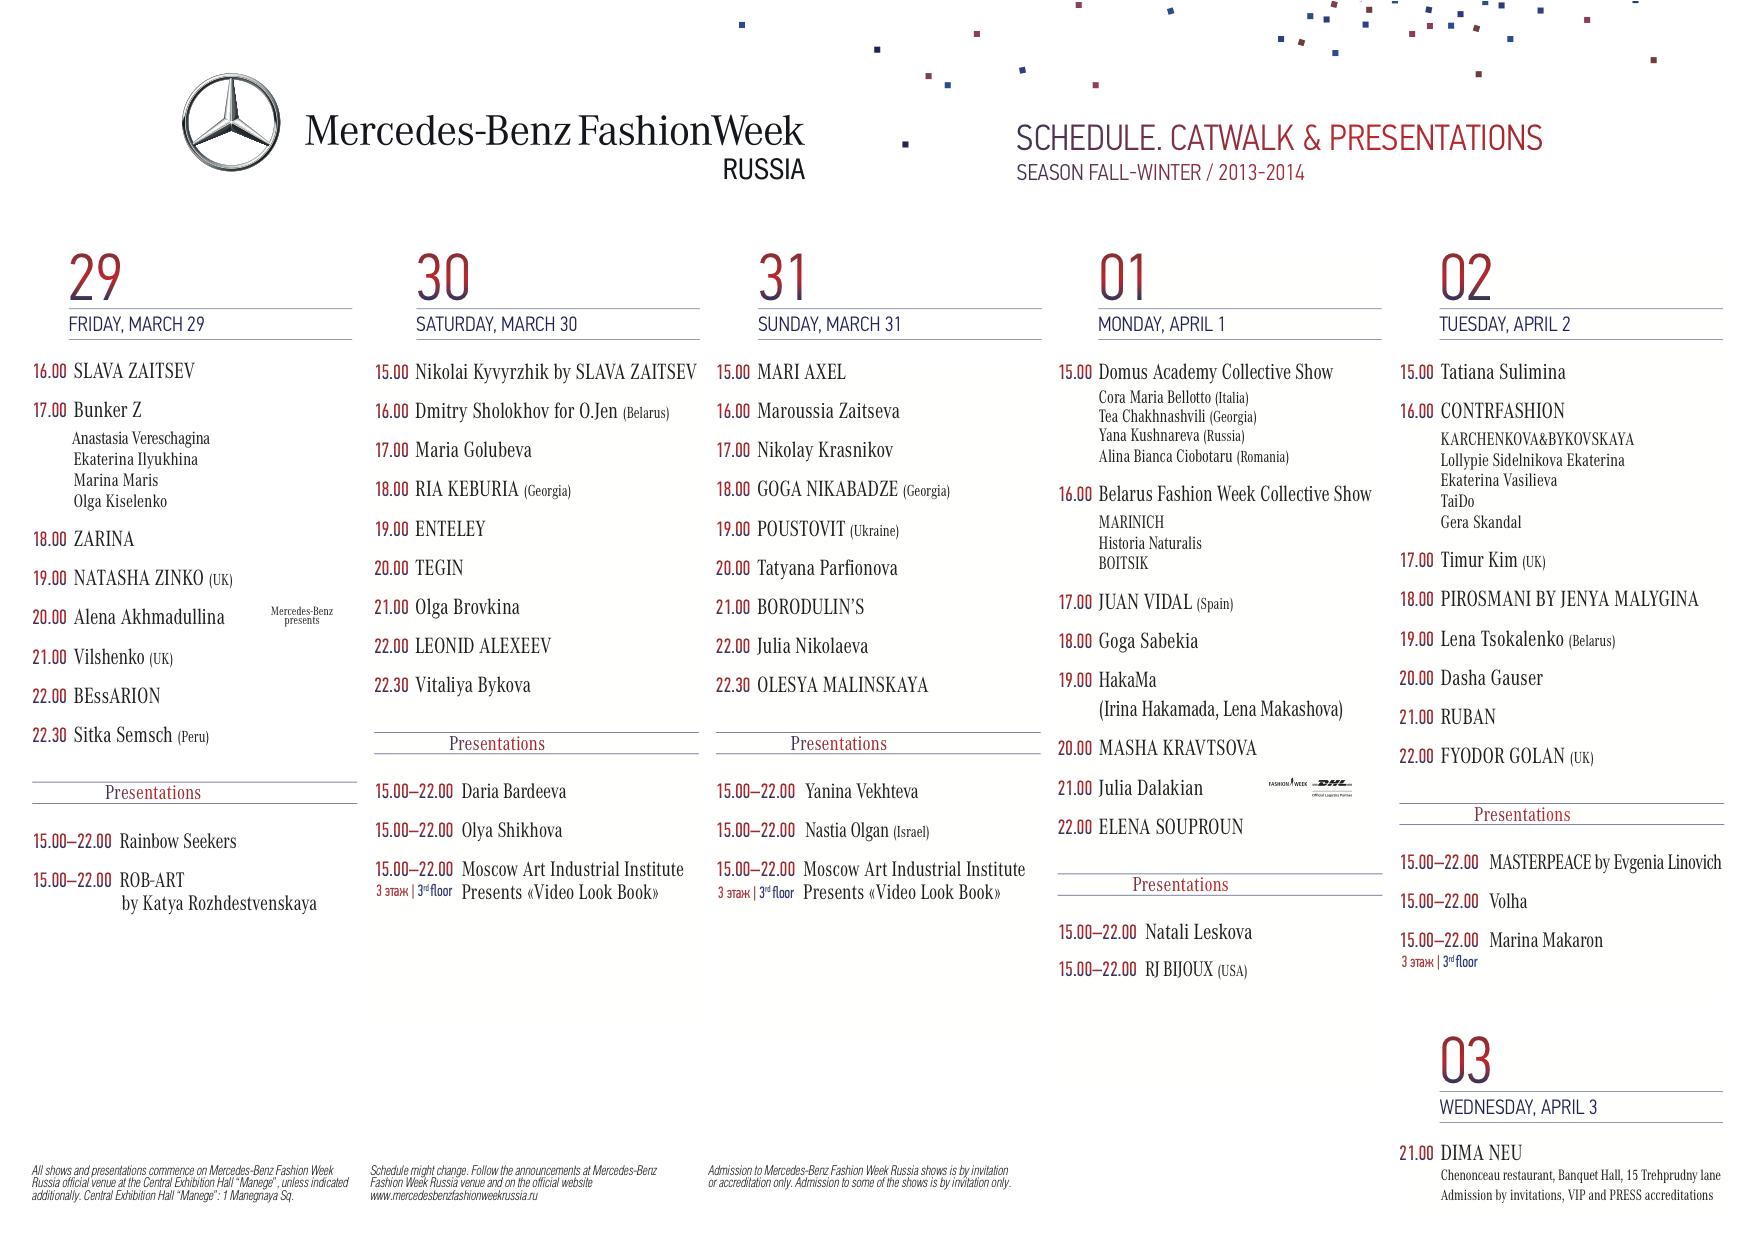 Mercedes-Benz fashion Week Russia Schedule 2013